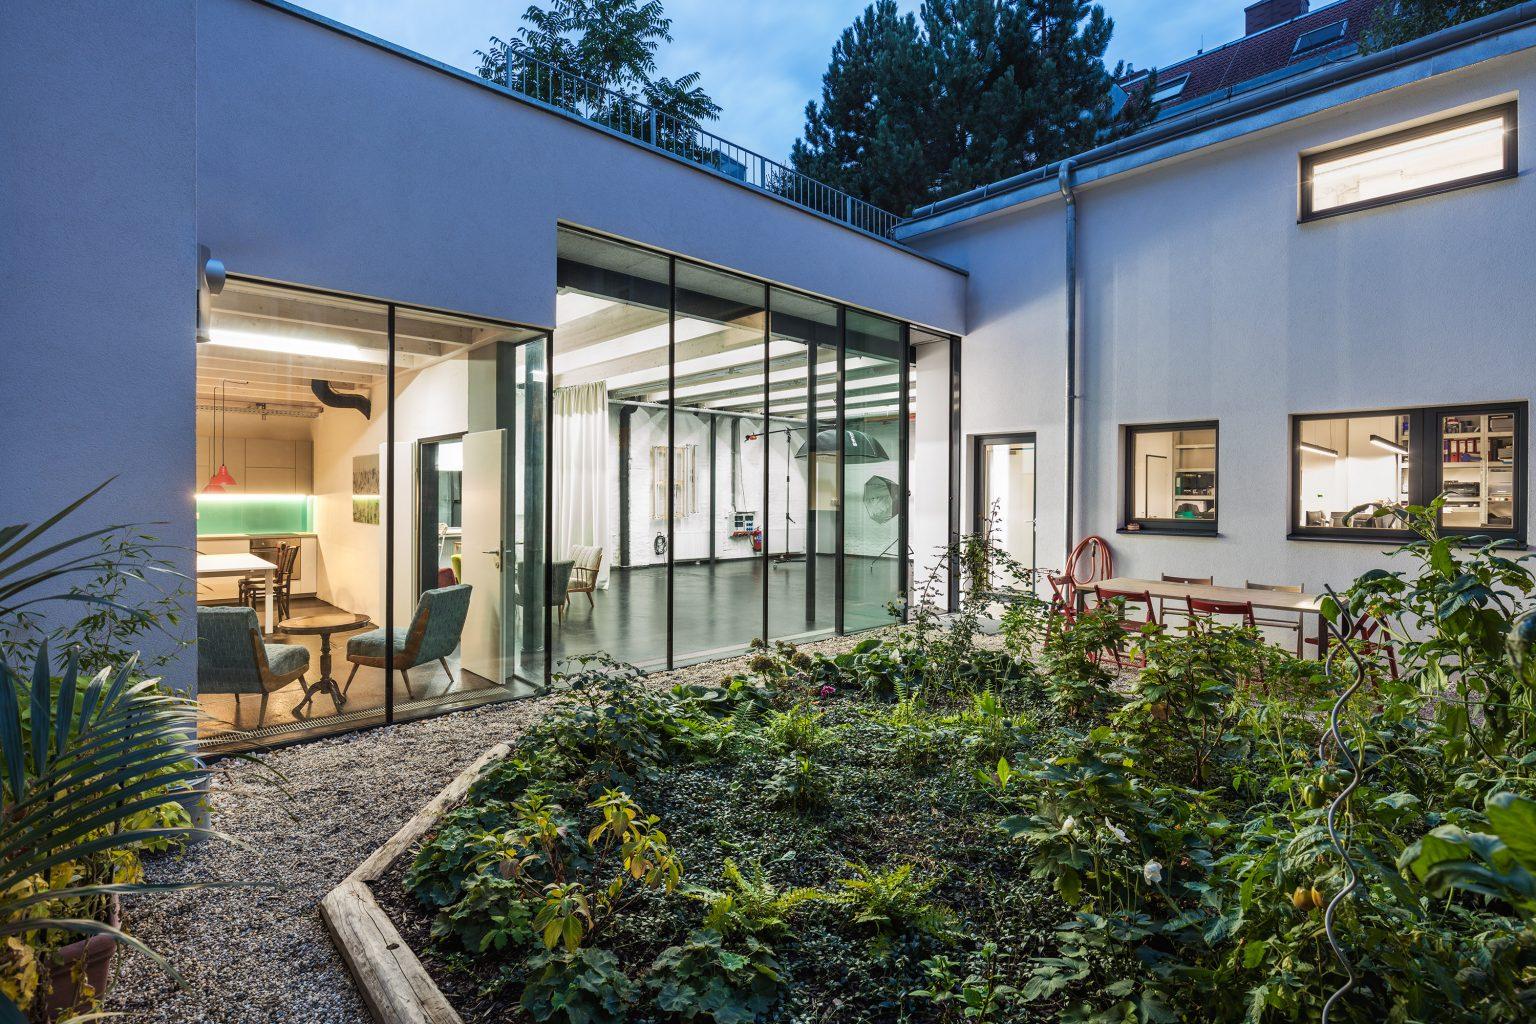 Studio Totale_Garten